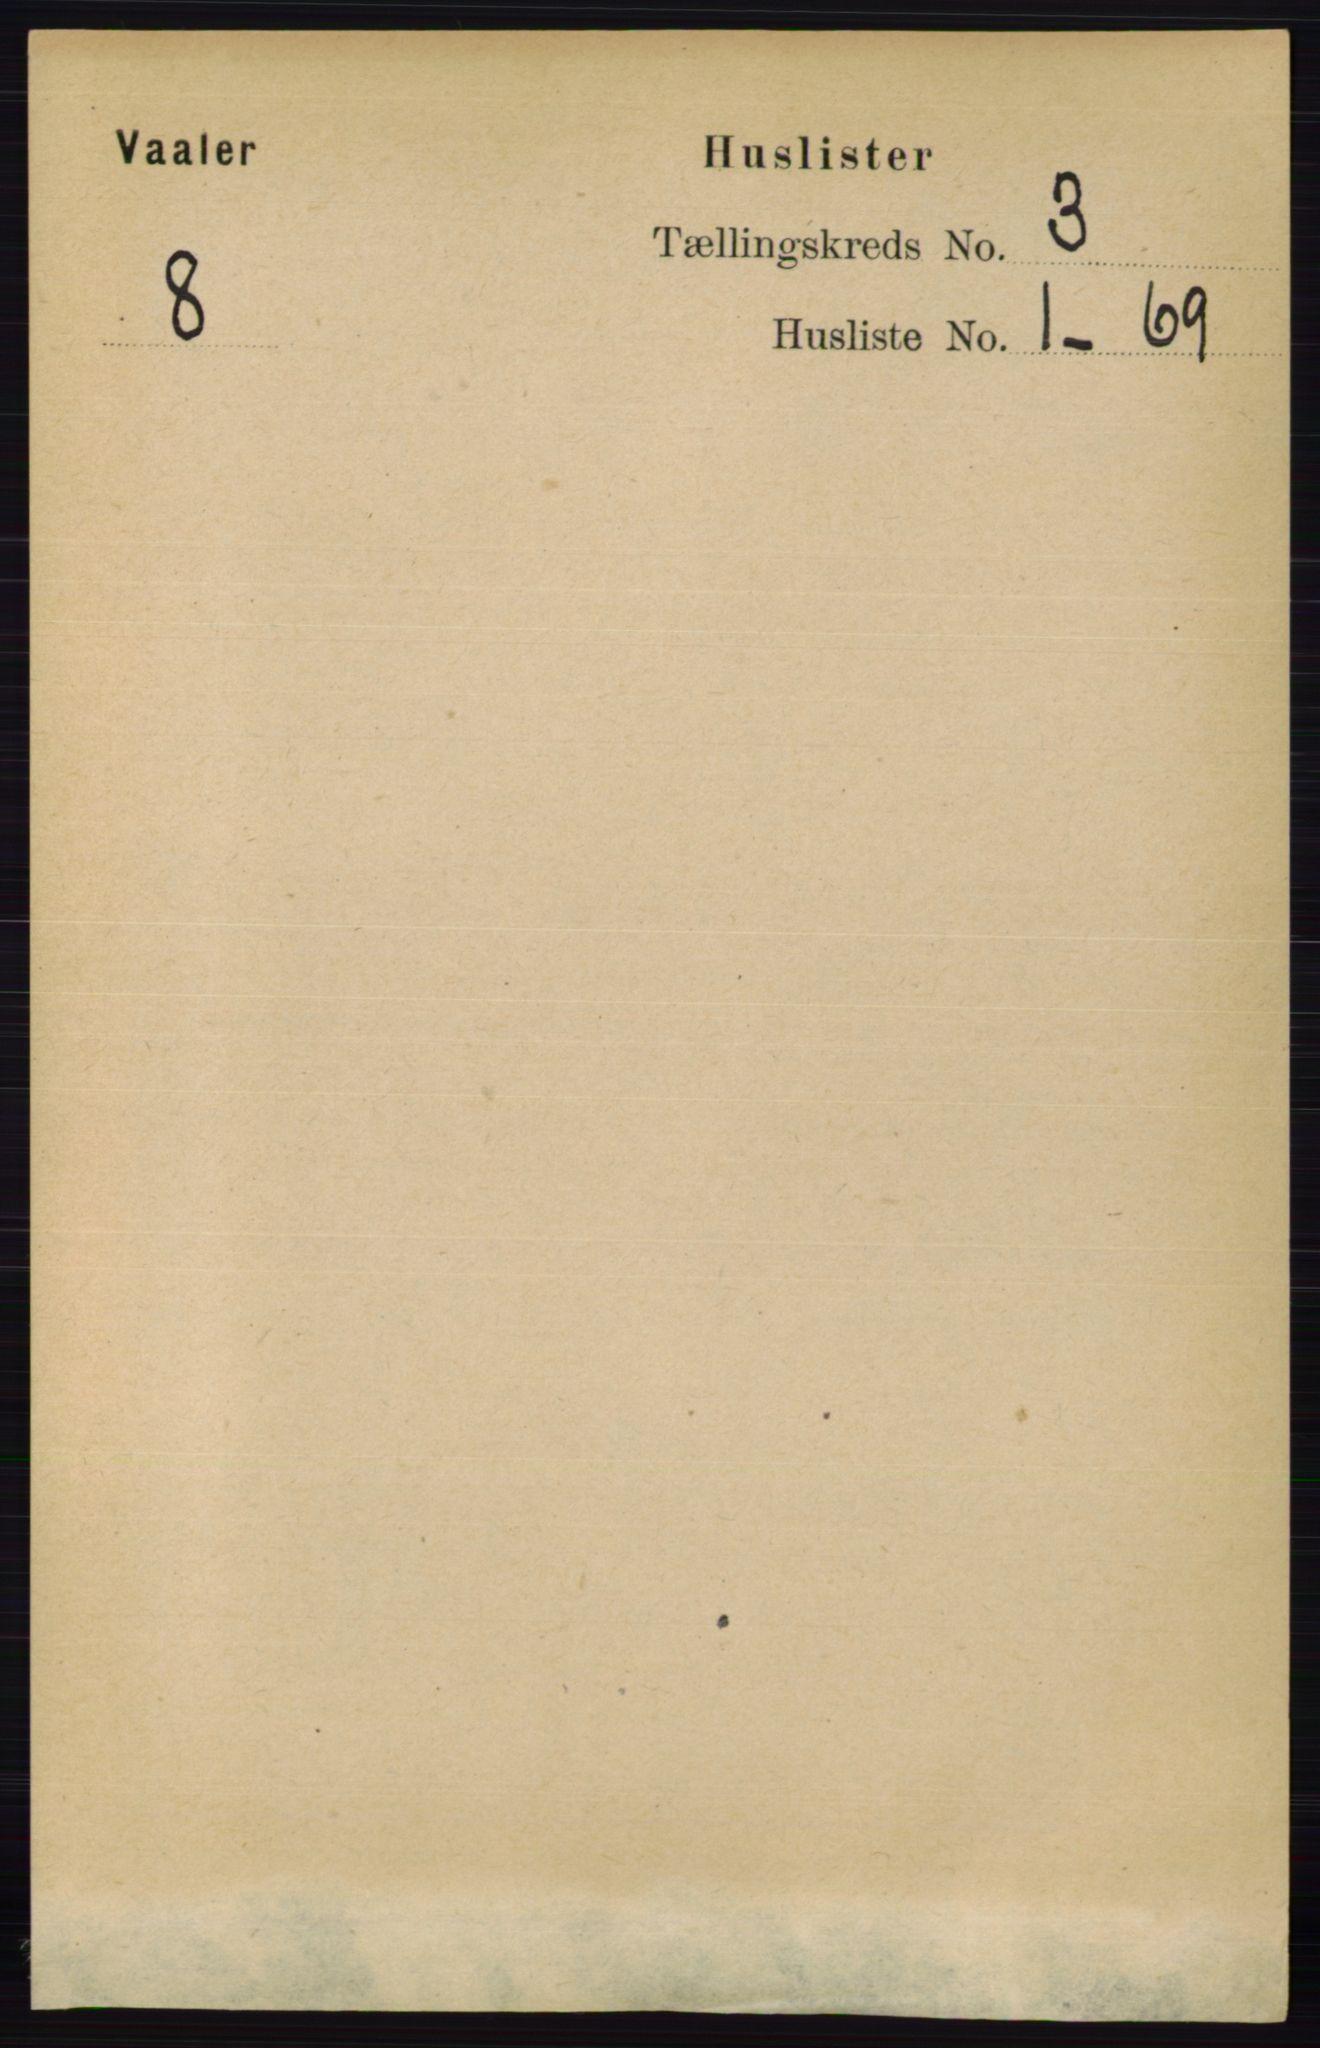 RA, Folketelling 1891 for 0137 Våler herred, 1891, s. 1039